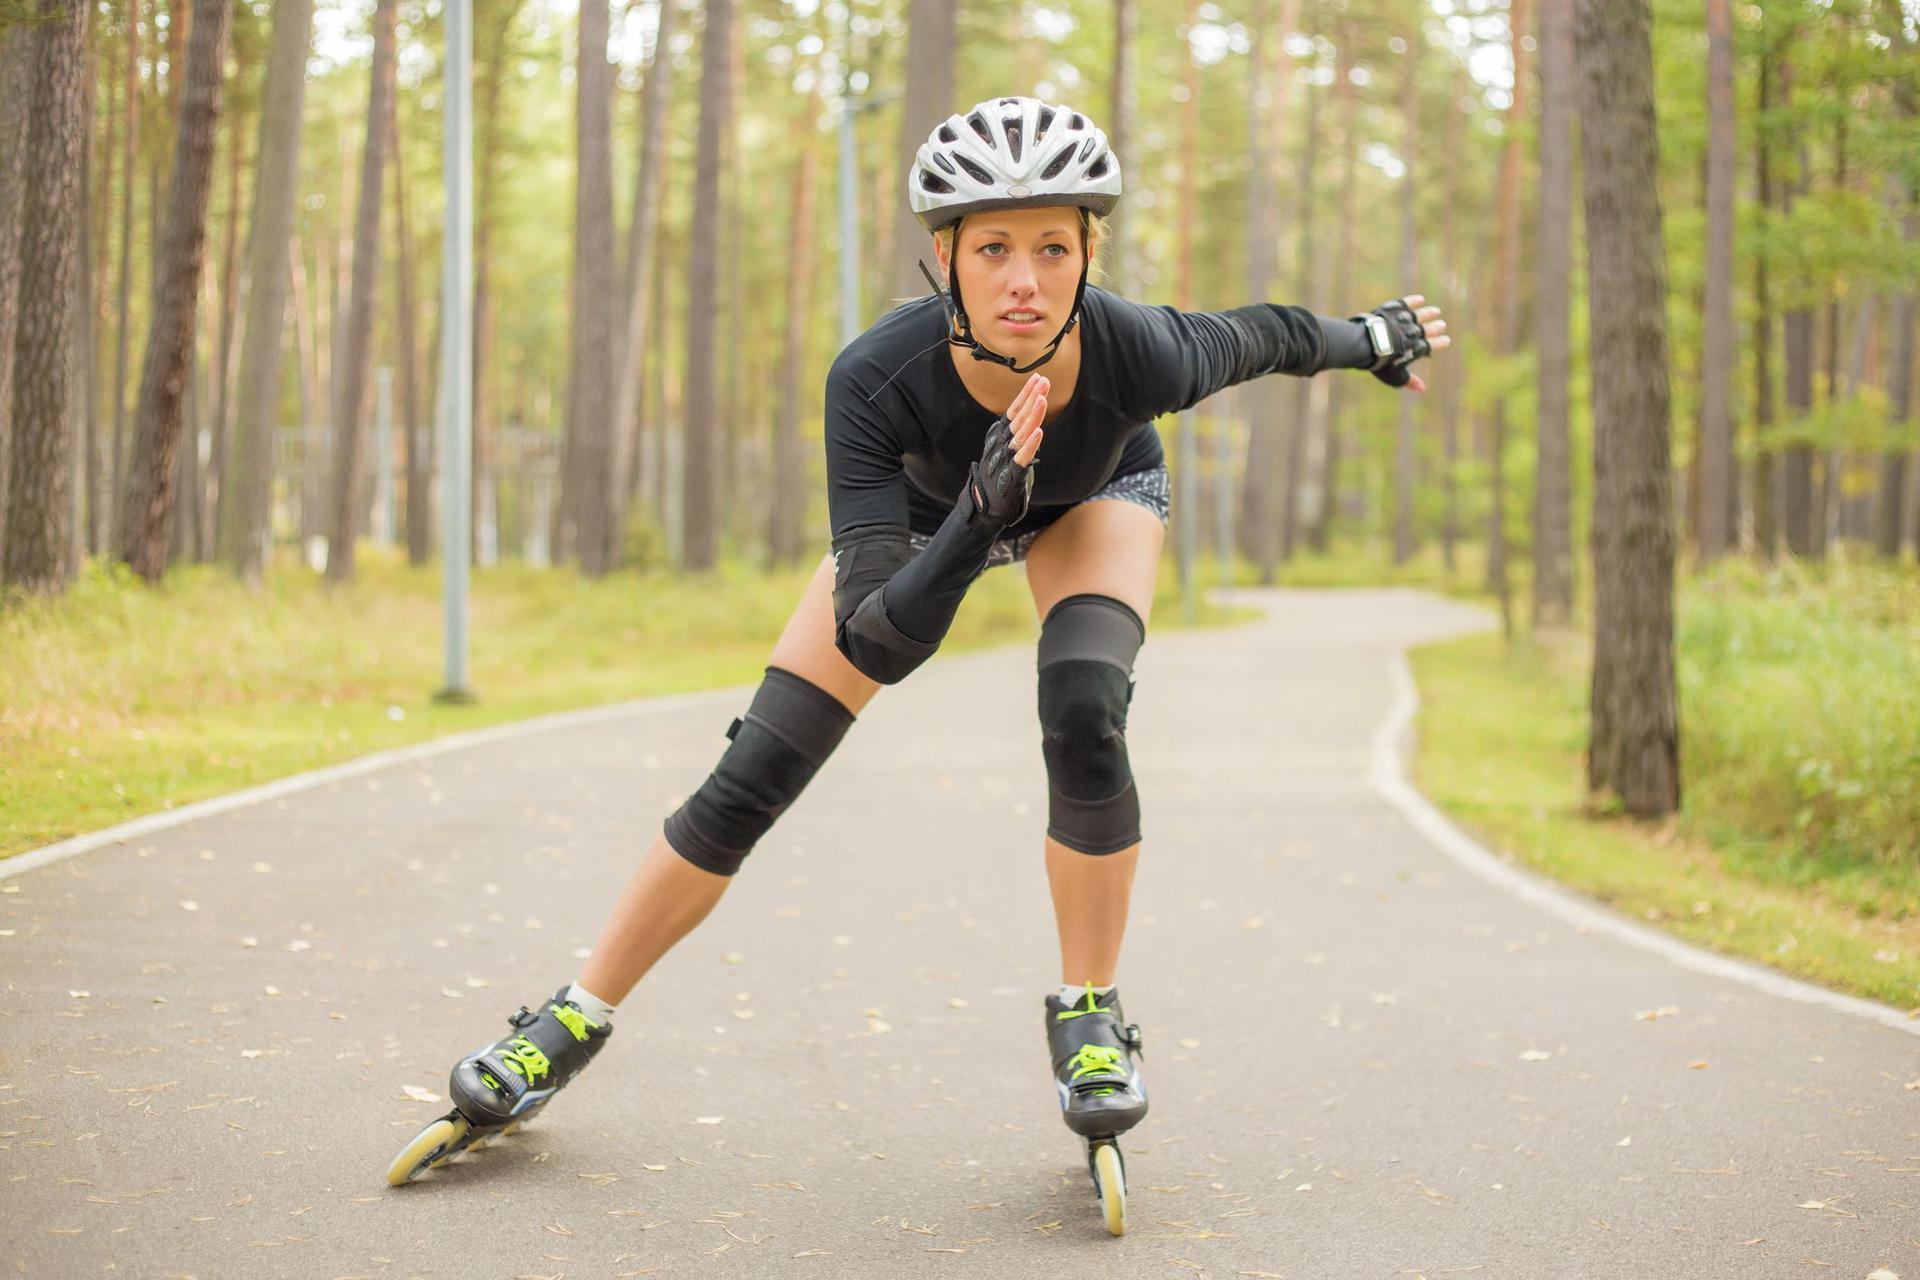 Odchudzanie na rolkach: ile kalorii można spalić jeżdżąc na rolkach?